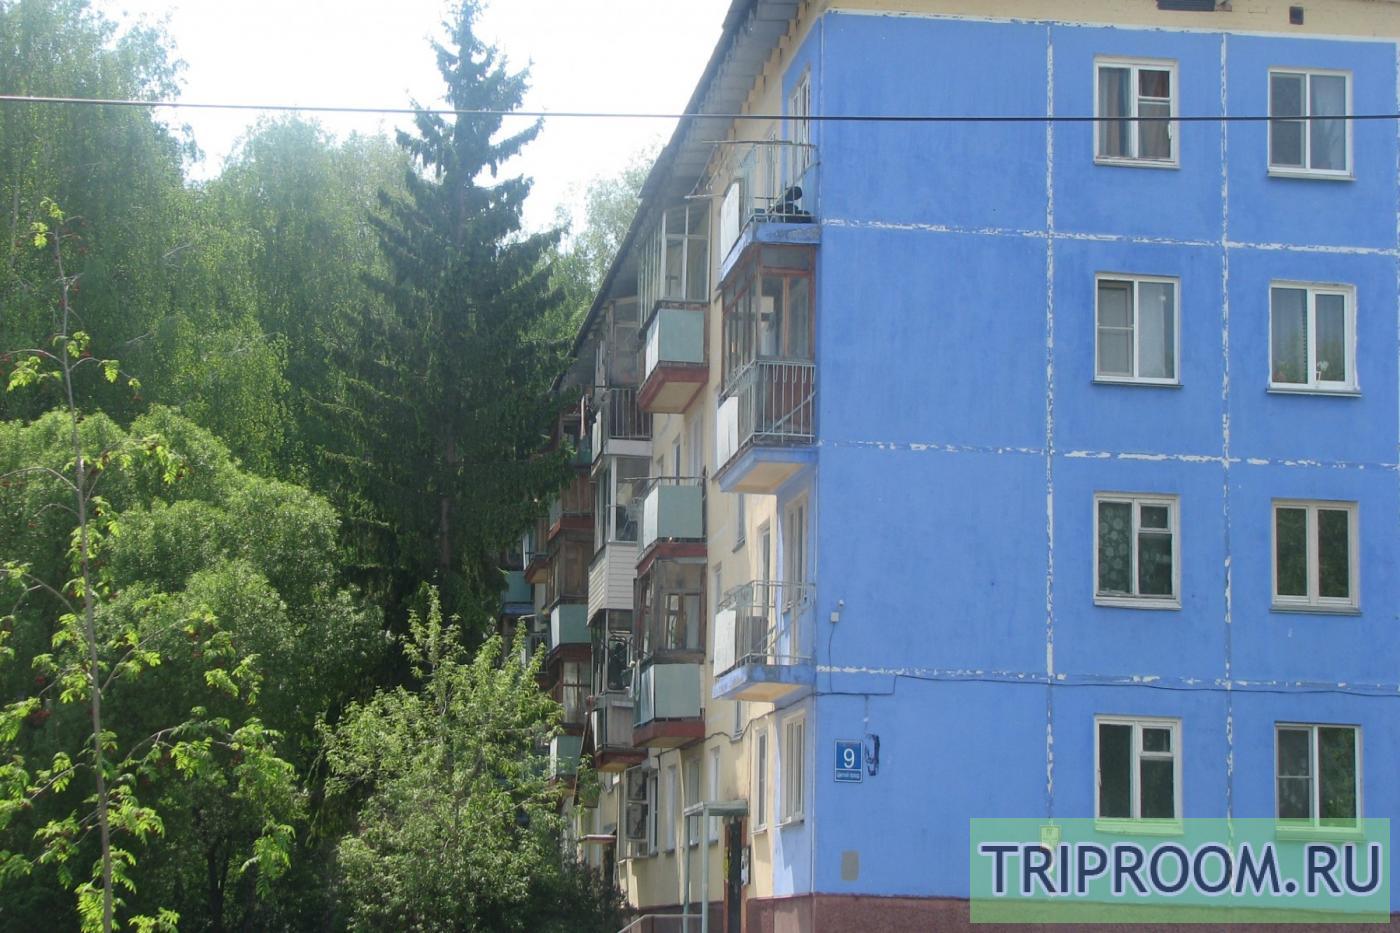 1-комнатная квартира посуточно (вариант № 2608), ул. Цветной проезд, фото № 17